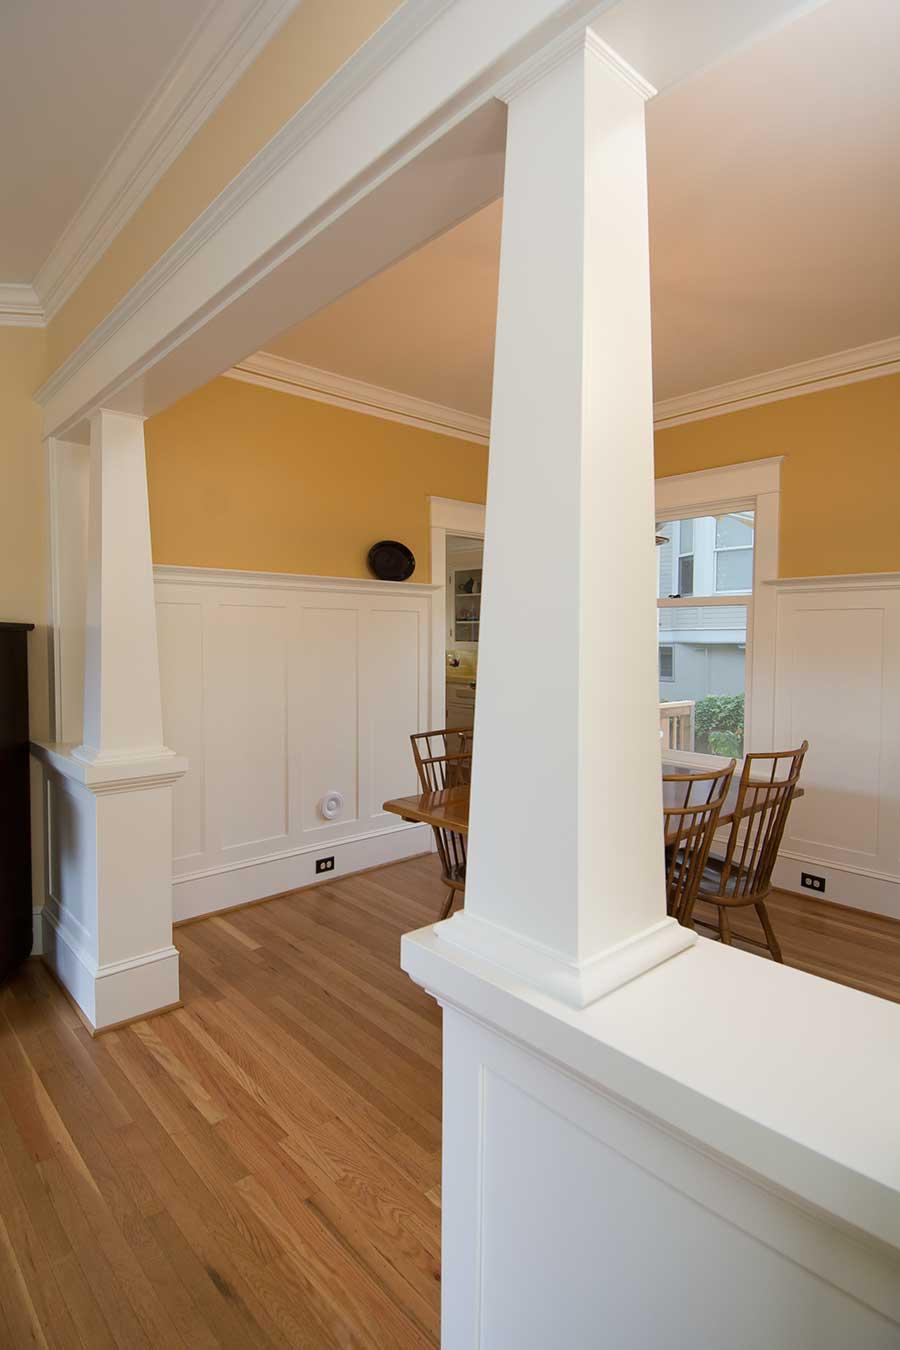 carpenter-goias-home-improvement-newjersey (2).jpg